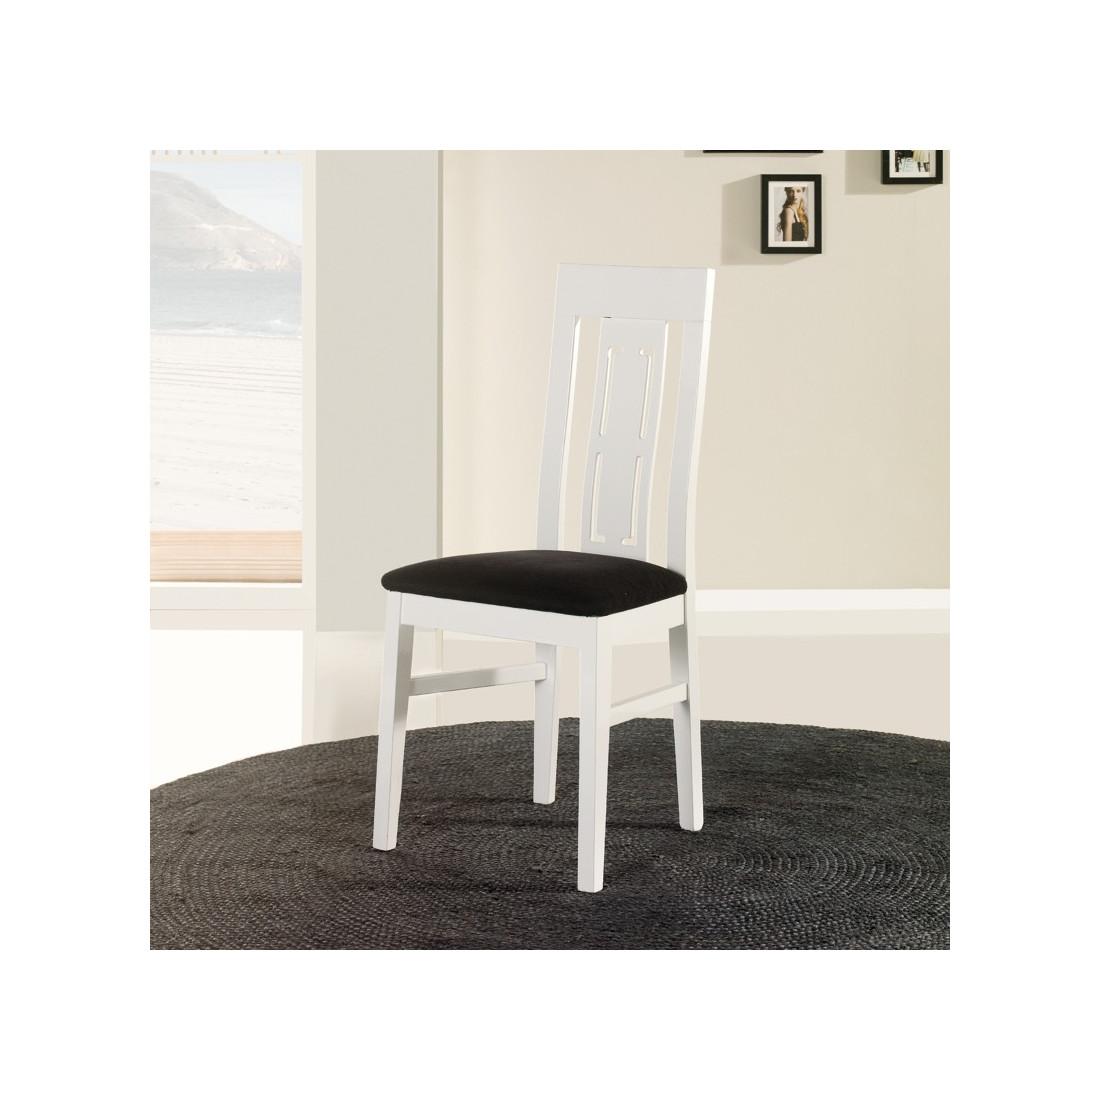 Chaise blanche assise microfibre n 1 mercure univers salle manger - Chaises en bois blanc ...